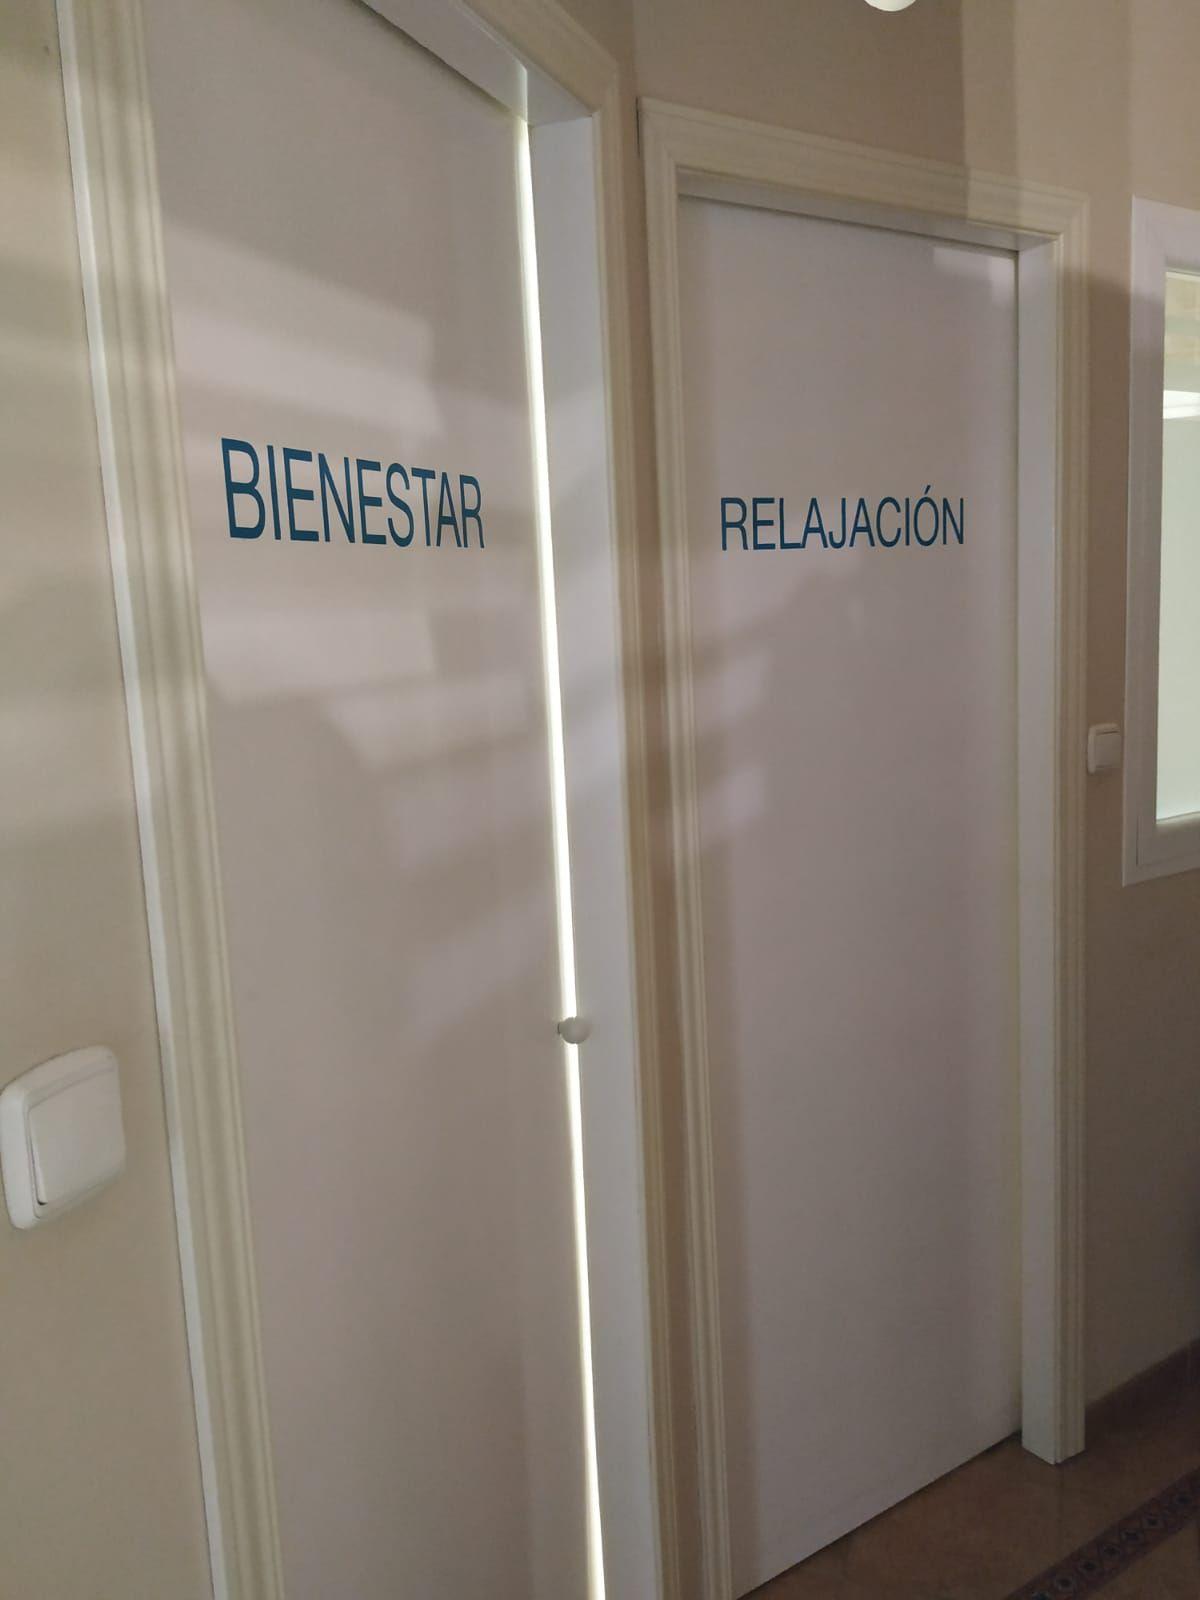 Foto 96 de Centro de bienestar y salud en Antequera | Centro Bienestar y Salud Cayma